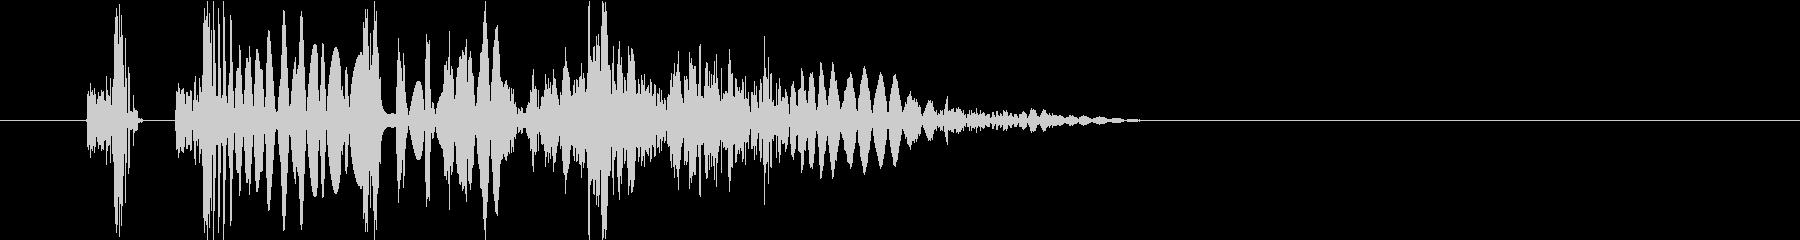 ヒット音。デュクシ、グシャの未再生の波形